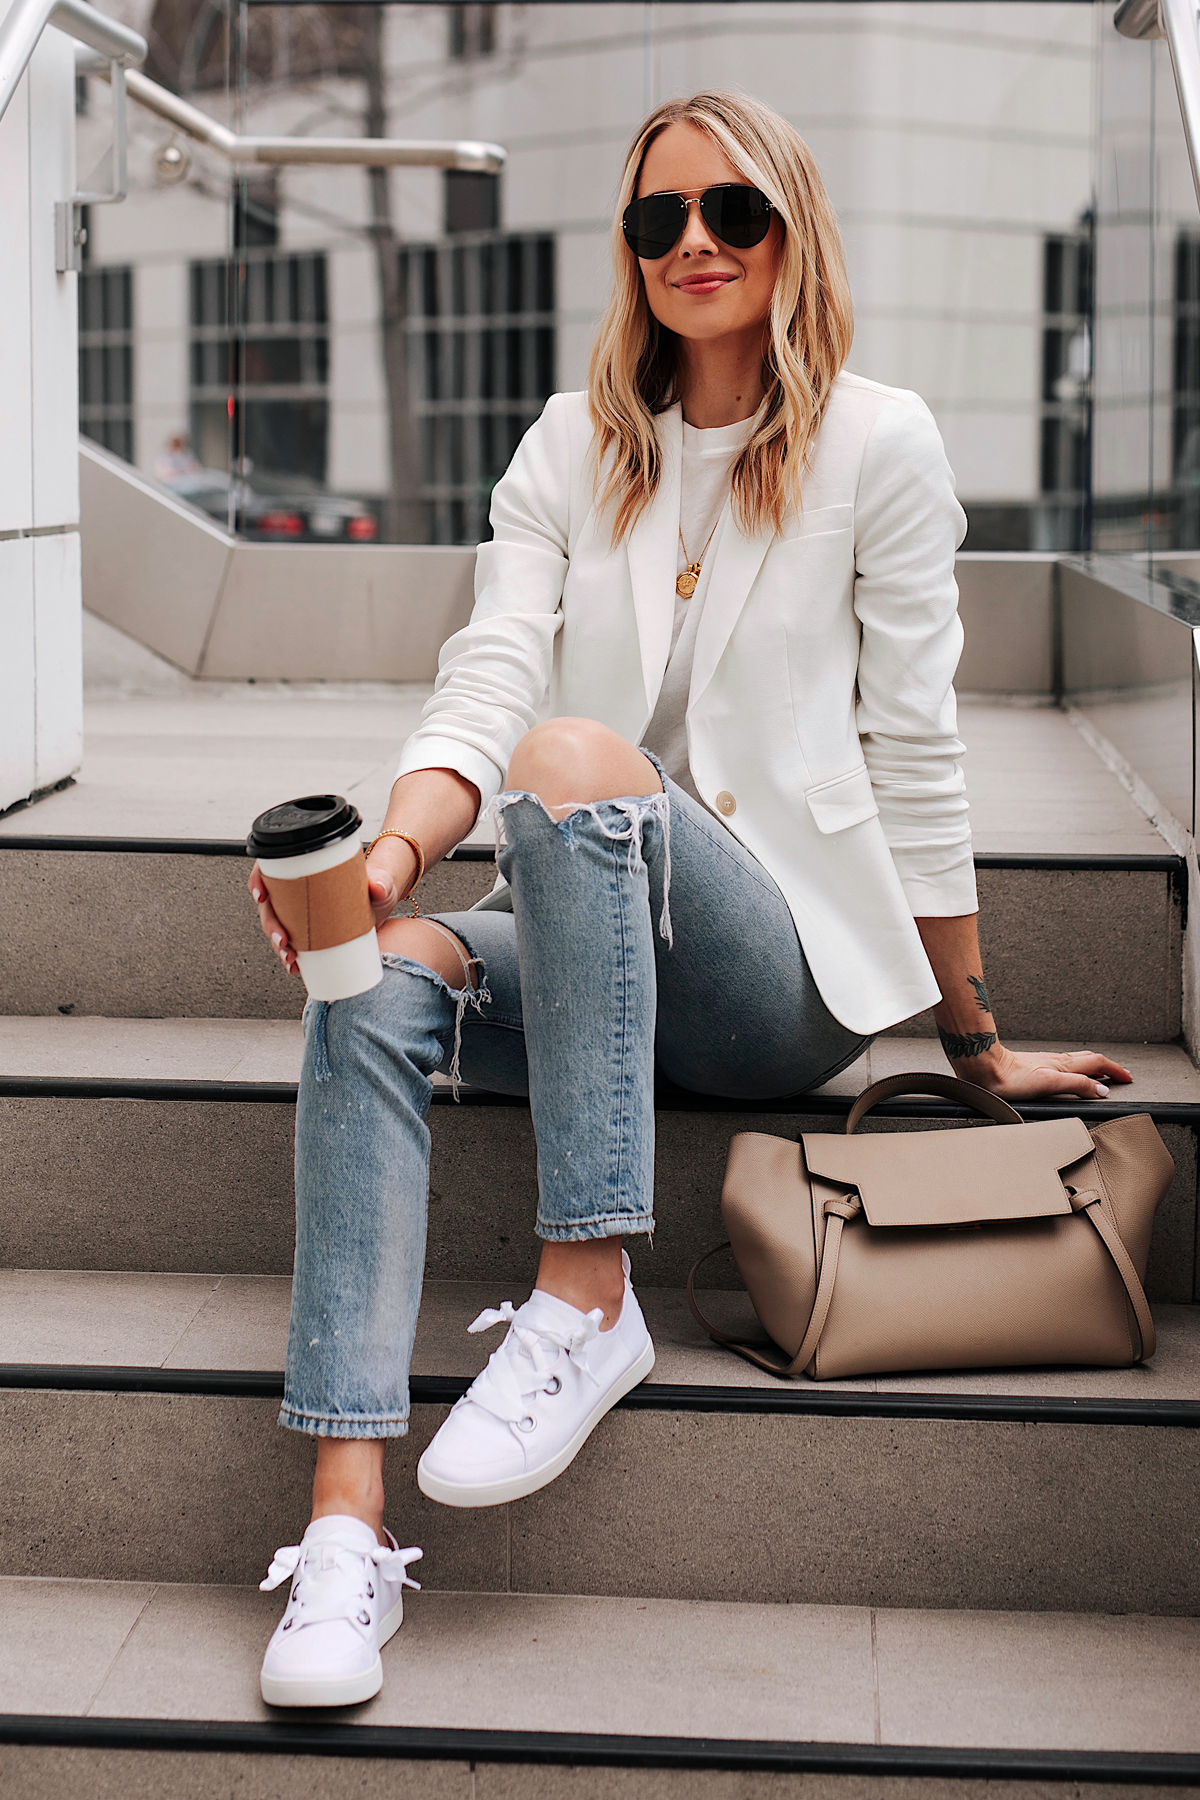 Fashion Jackson Wearing White Blazer White Tshirt Ripped Jeans Koolaburra White Sneakers